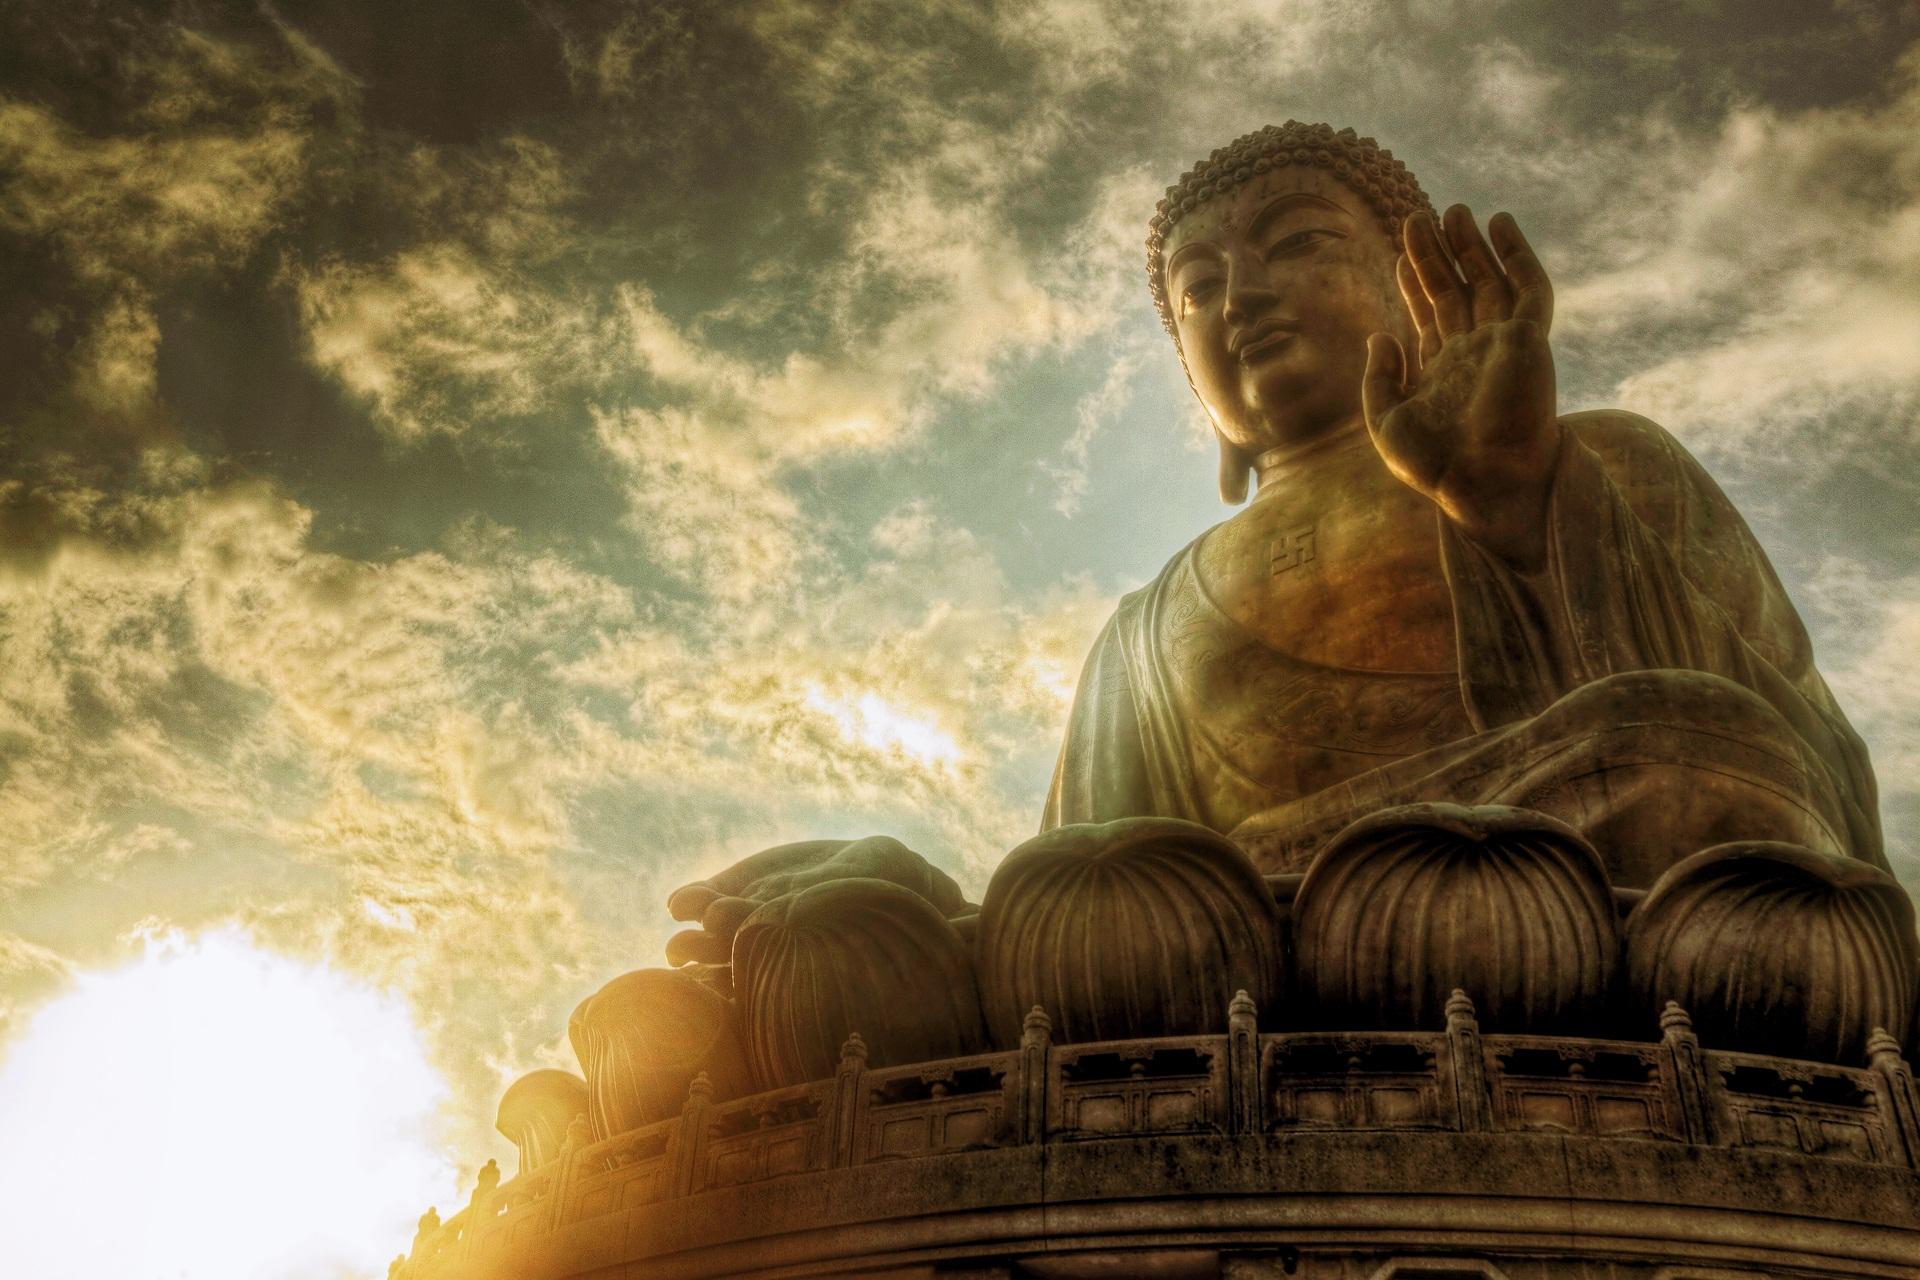 buddha-staute.jpg